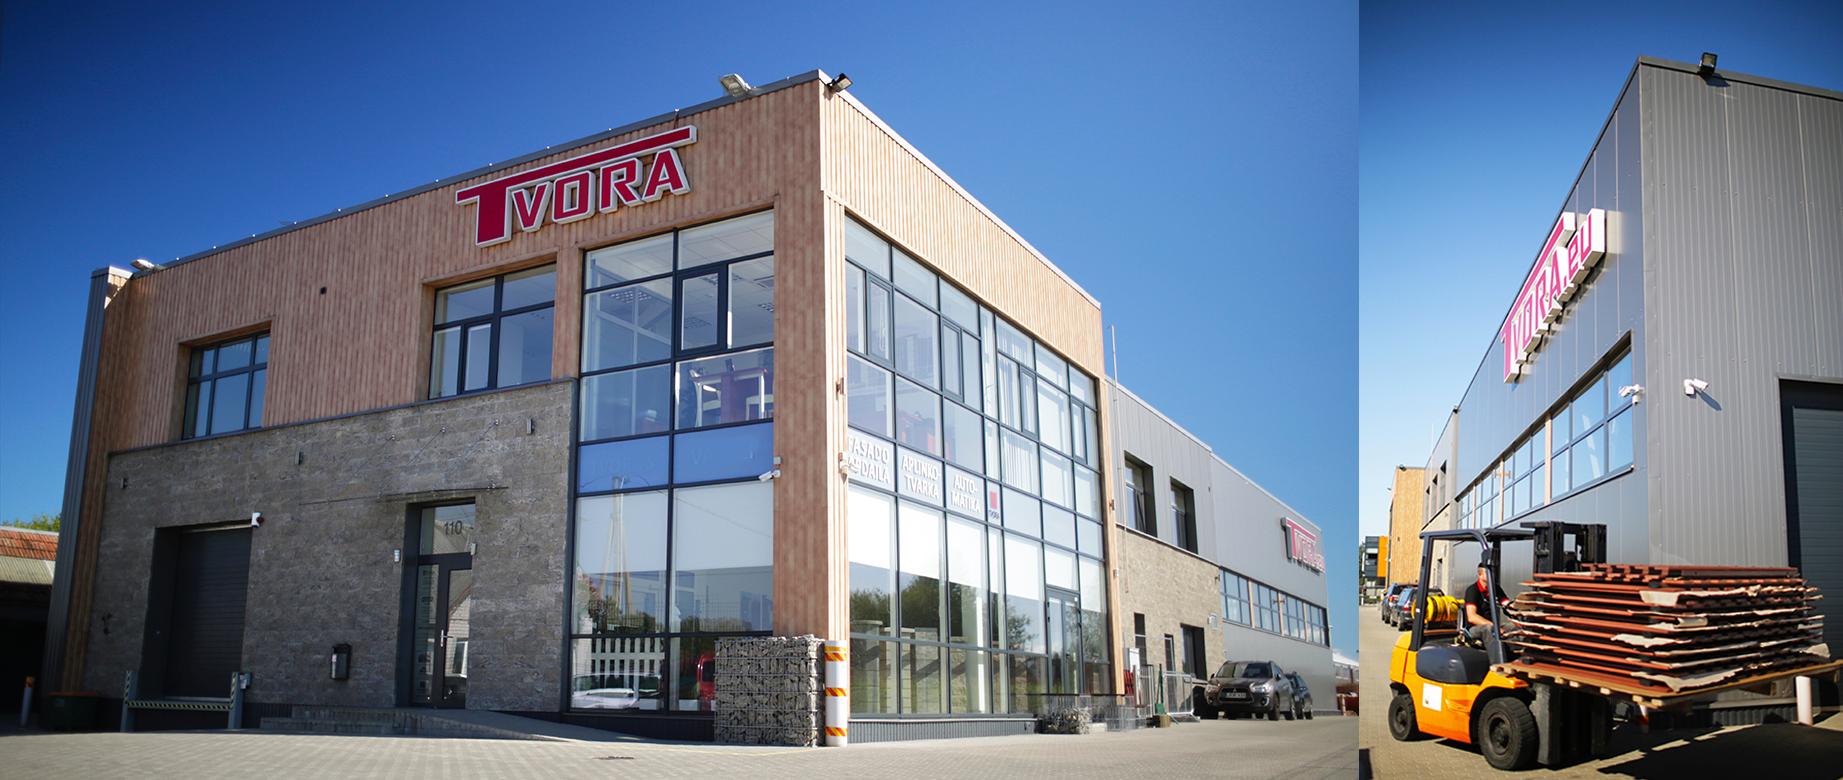 firma Tvora